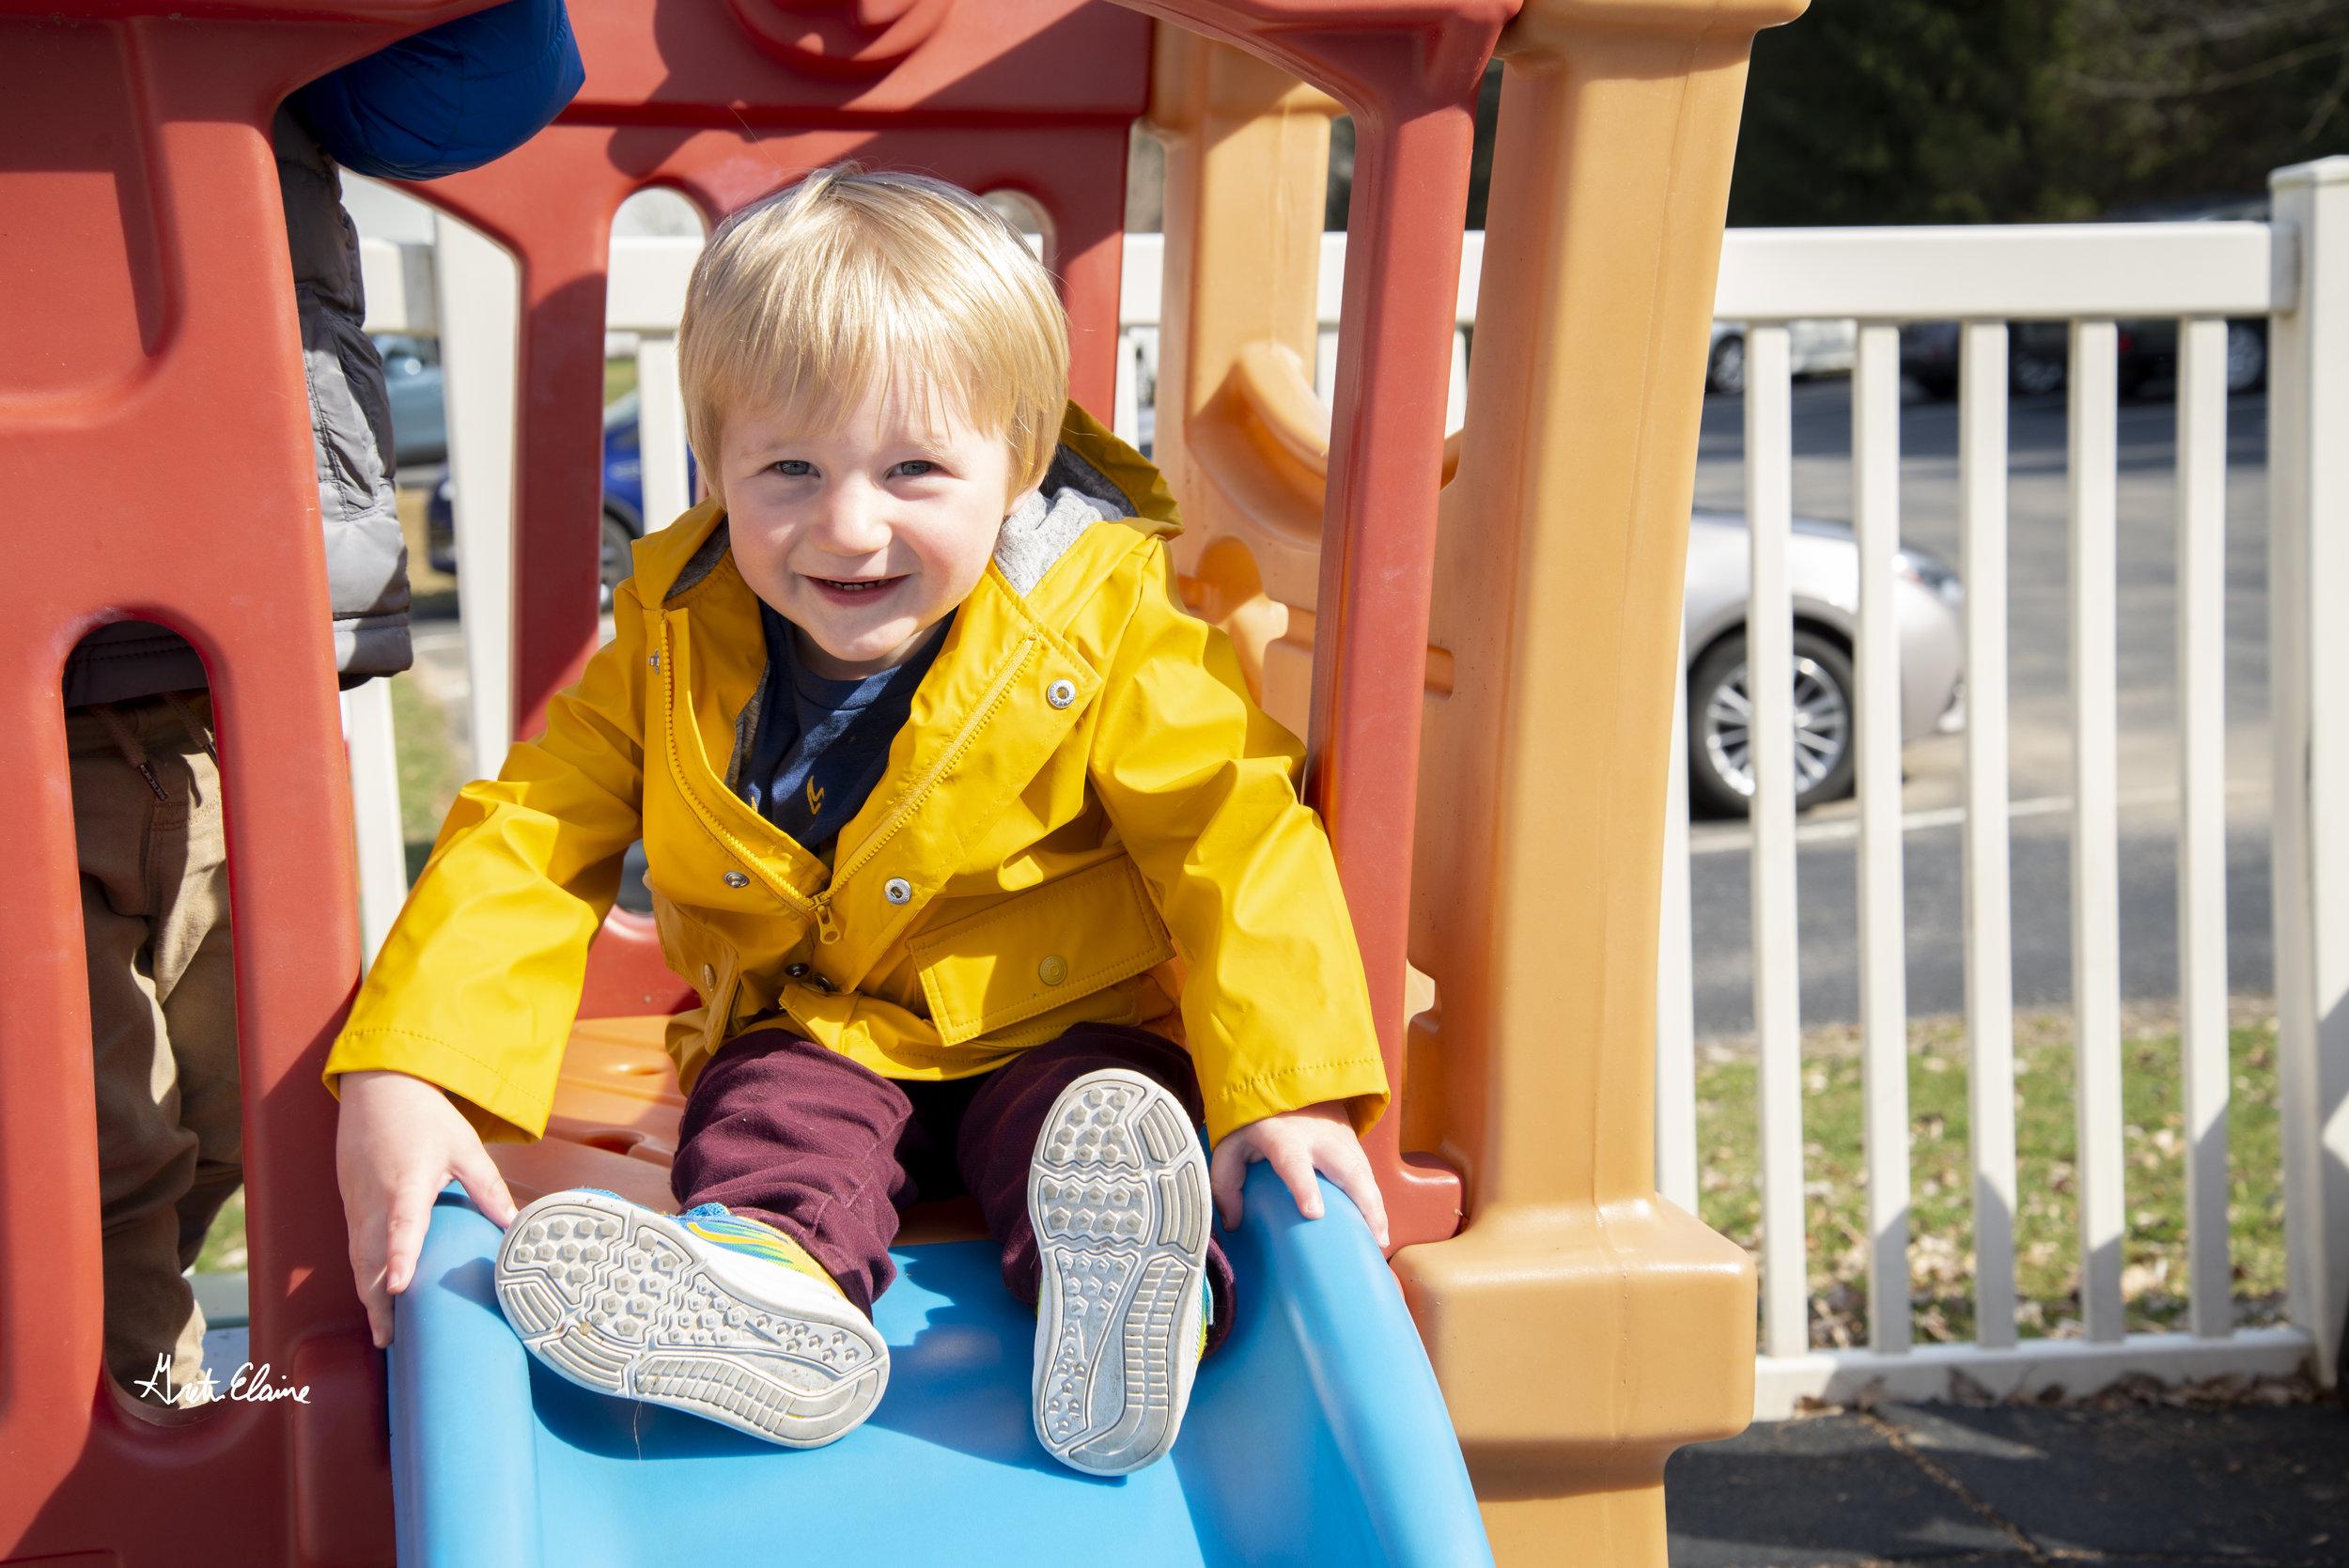 Schreiber_ToddlersOutside_GEP8560.jpg